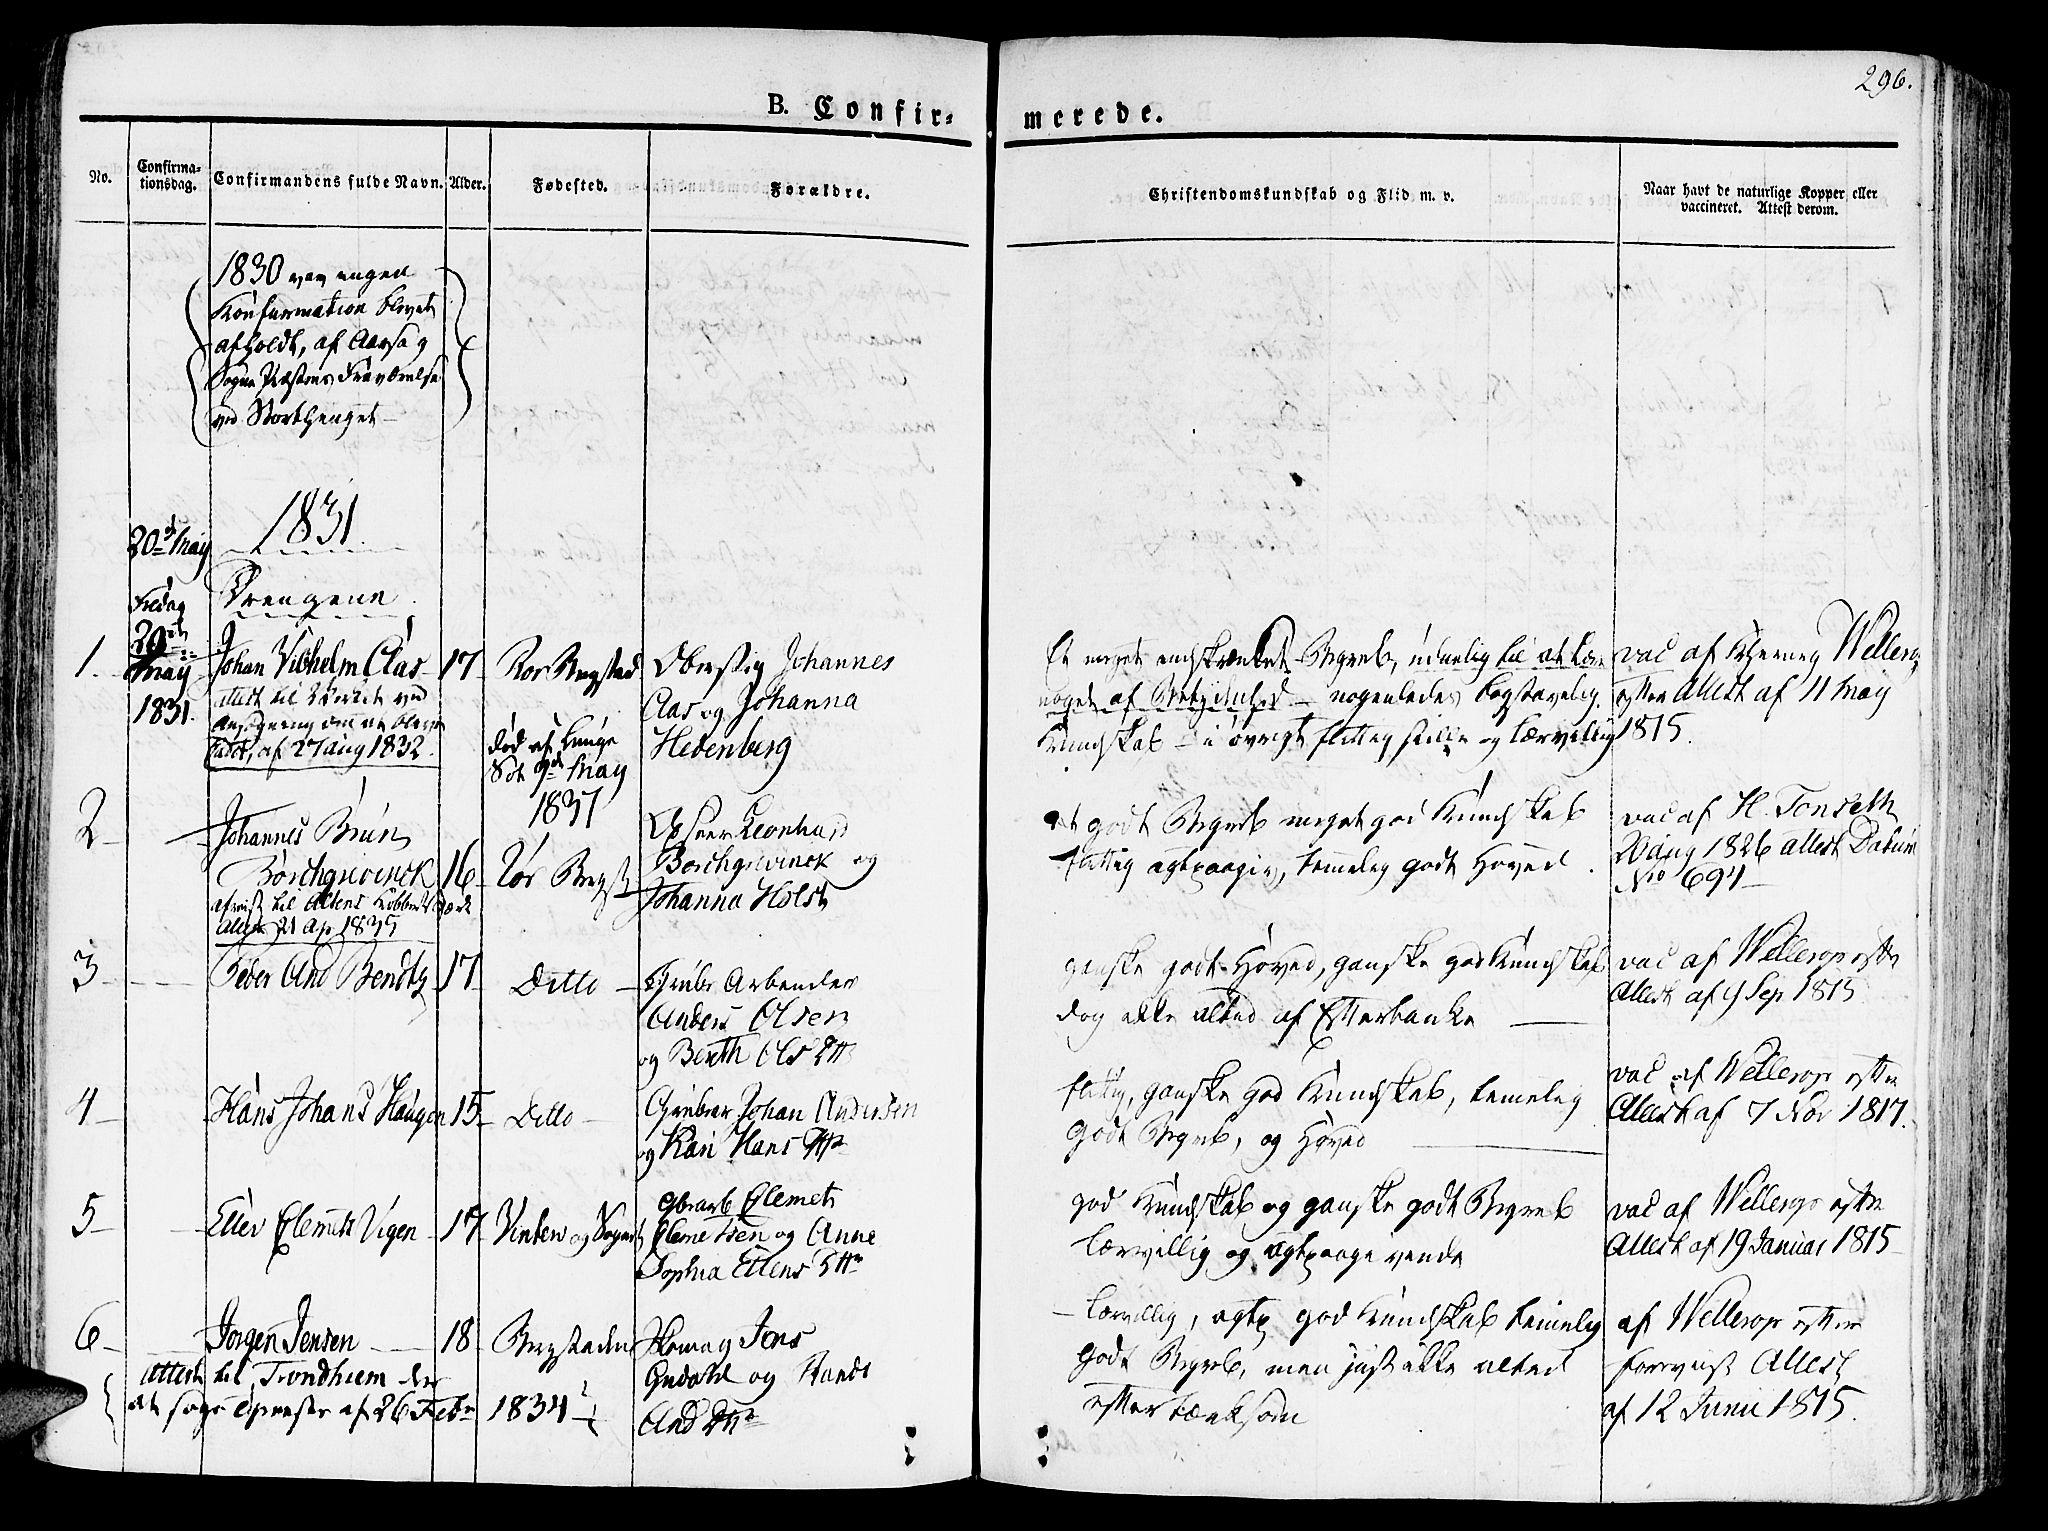 SAT, Ministerialprotokoller, klokkerbøker og fødselsregistre - Sør-Trøndelag, 681/L0930: Ministerialbok nr. 681A08, 1829-1844, s. 296